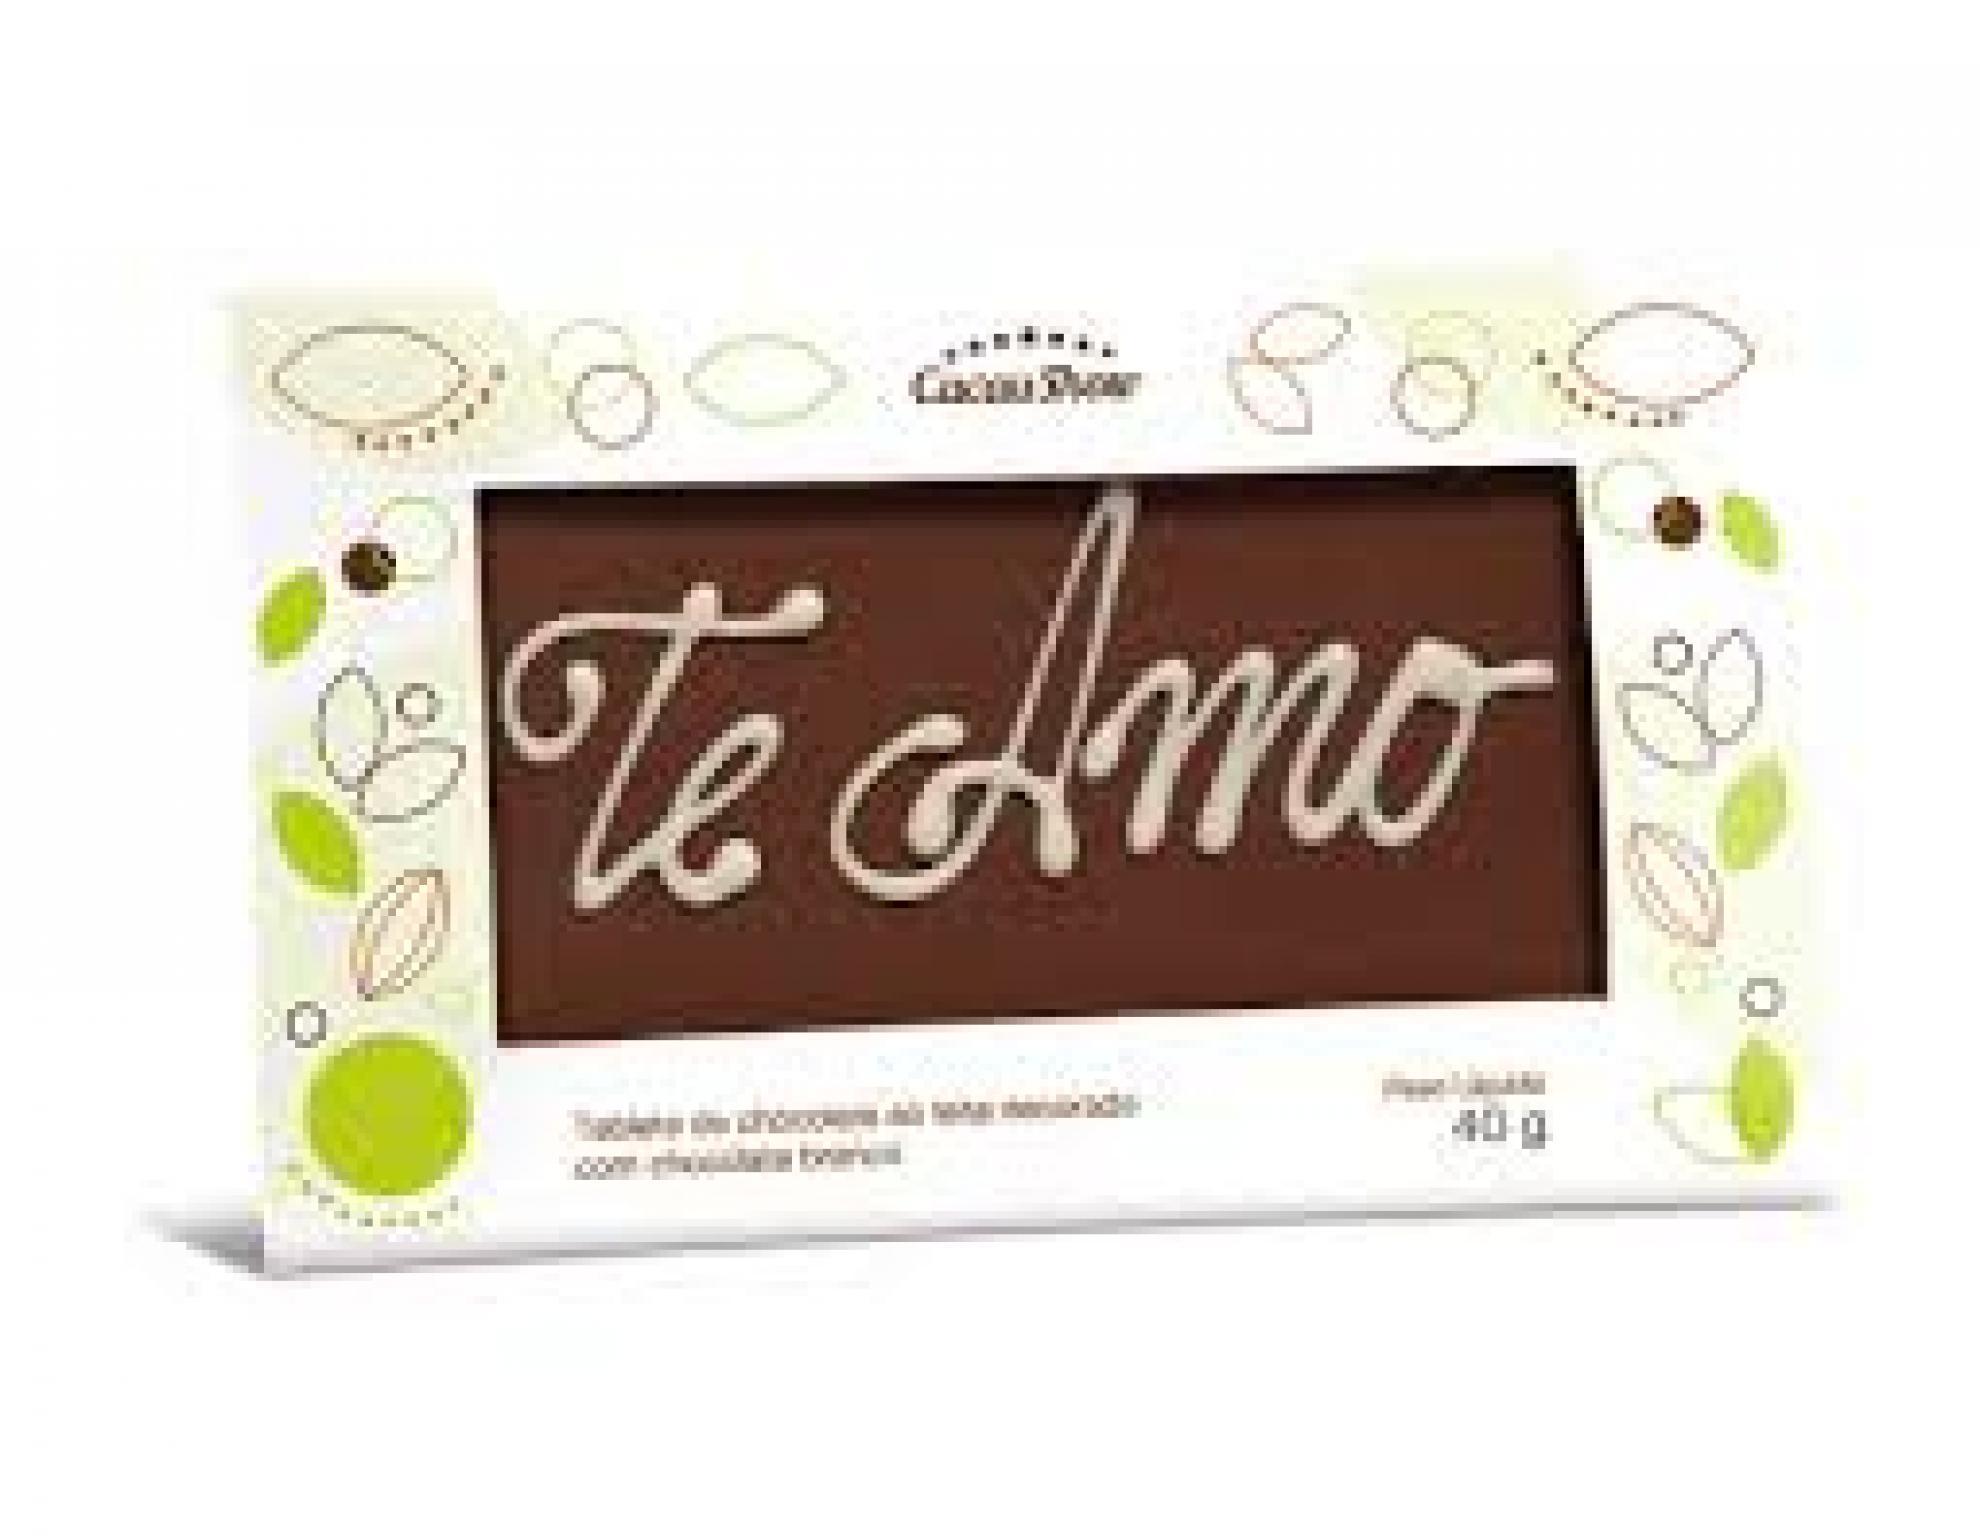 Chocolate Mensagem Cacau Show - 6101